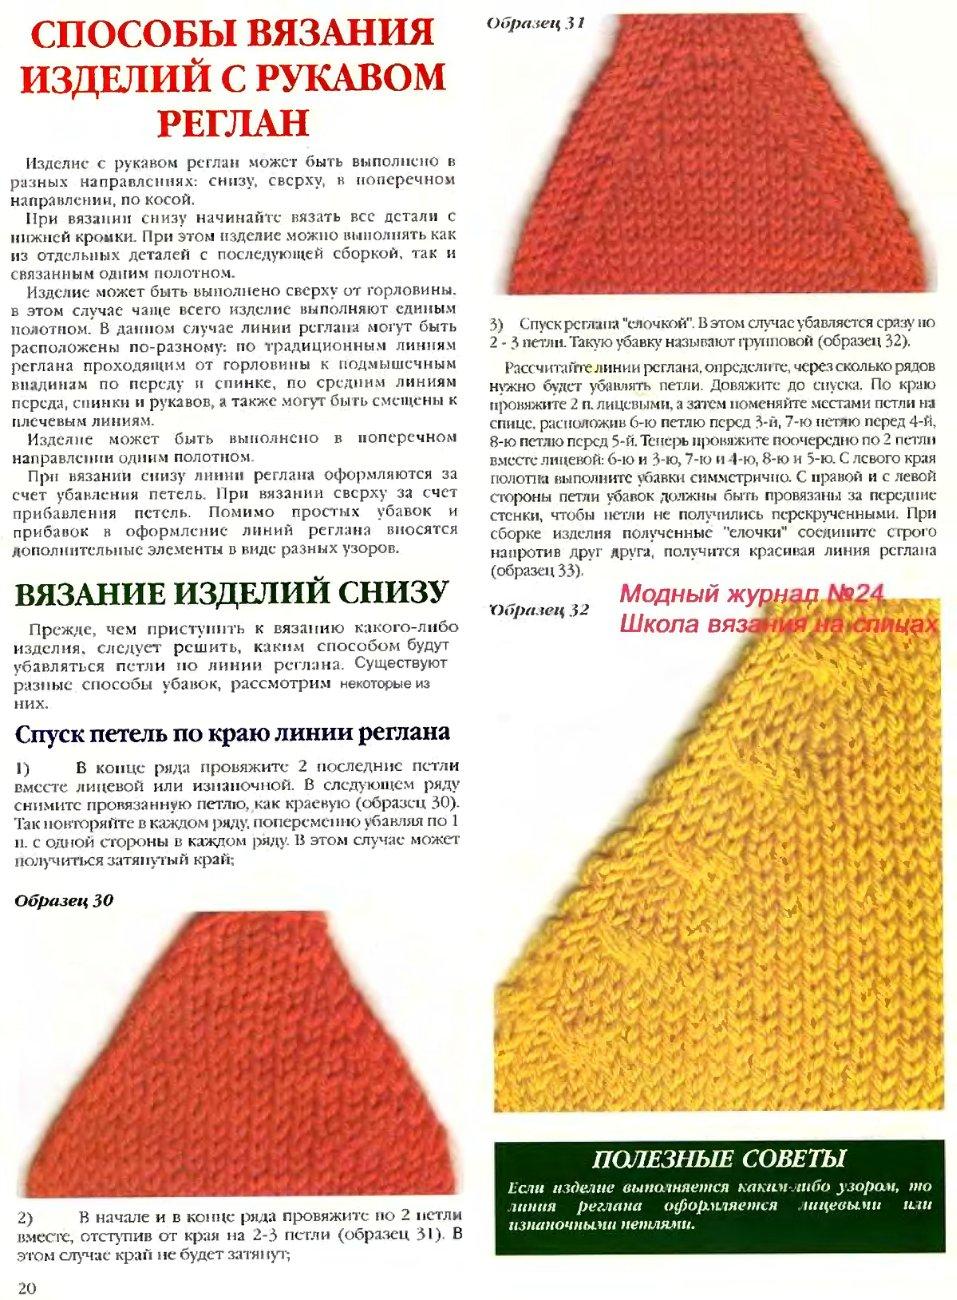 Как оформить линию реглана при вязании снизу 24